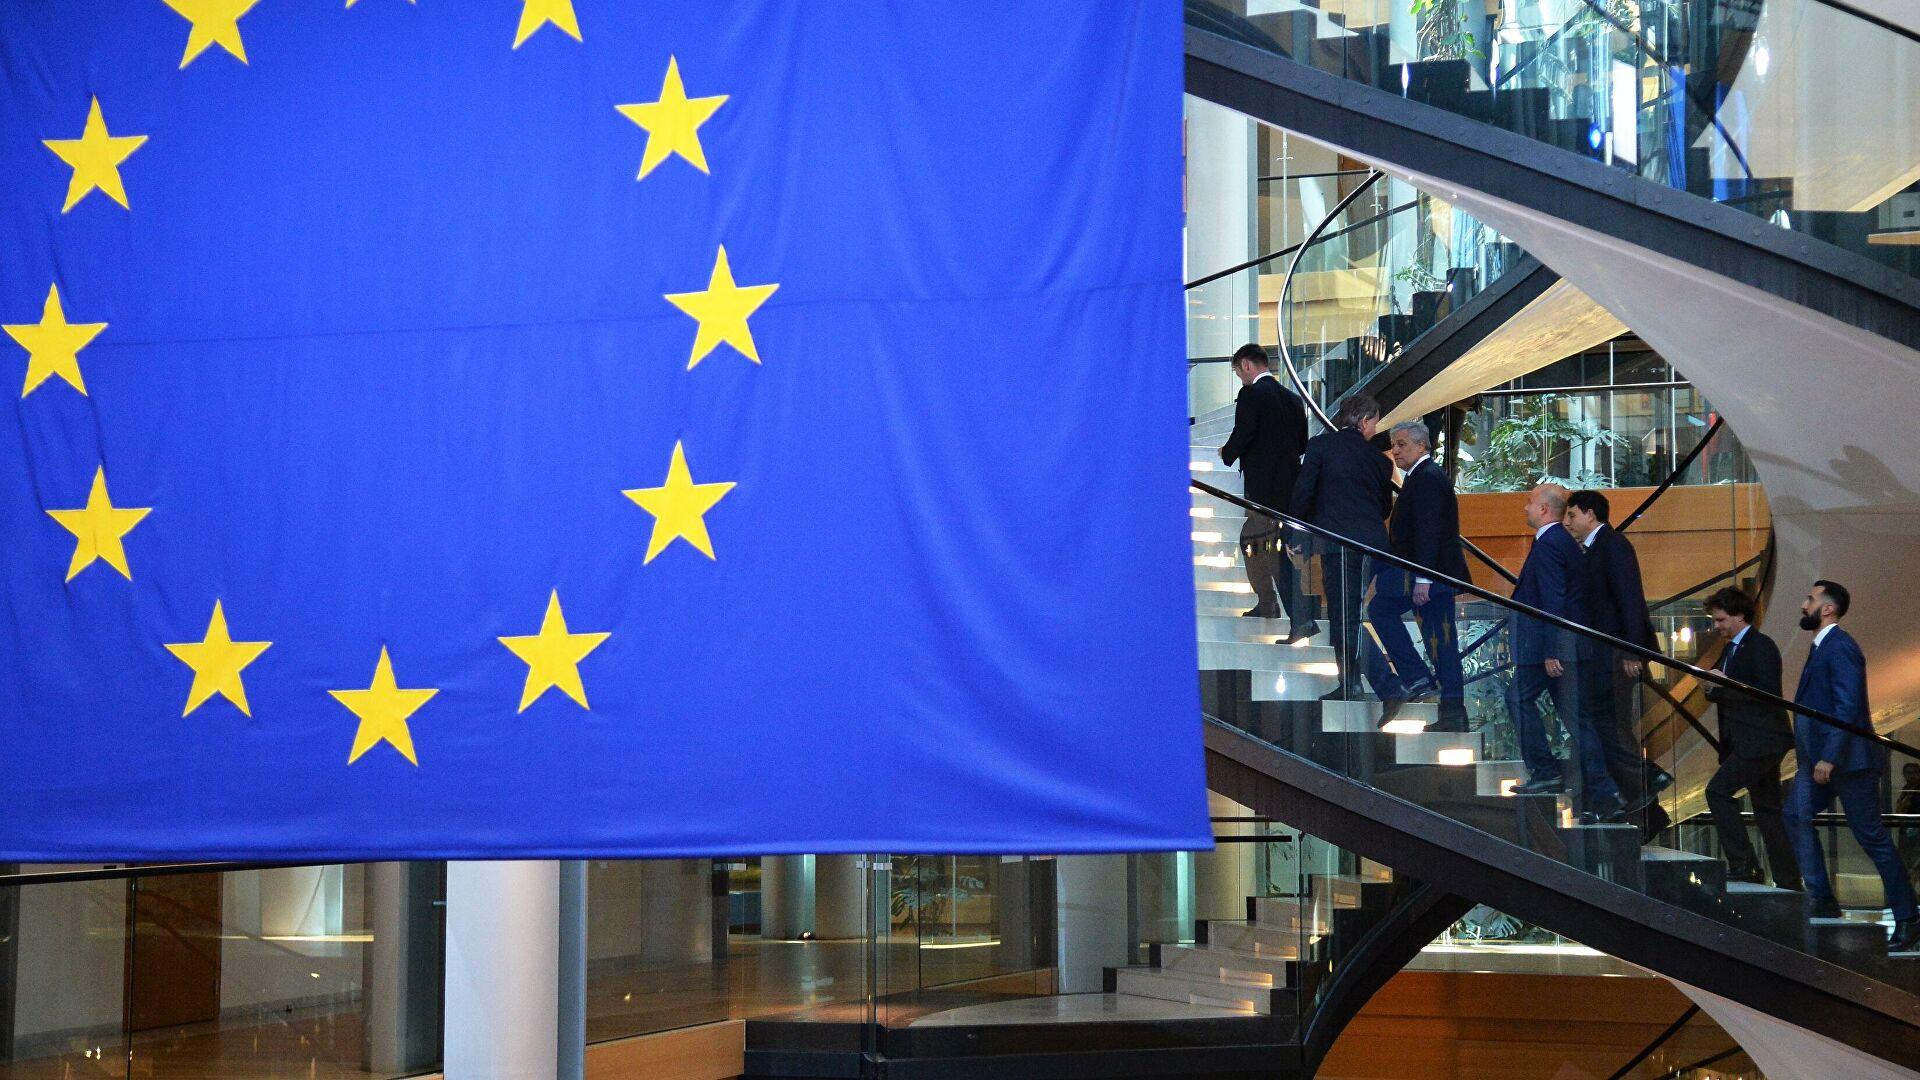 """ЕУ очекује """"постизиање свеобухватног правнообавезујућег споразума о нормализацији односа Косова и Србије"""""""